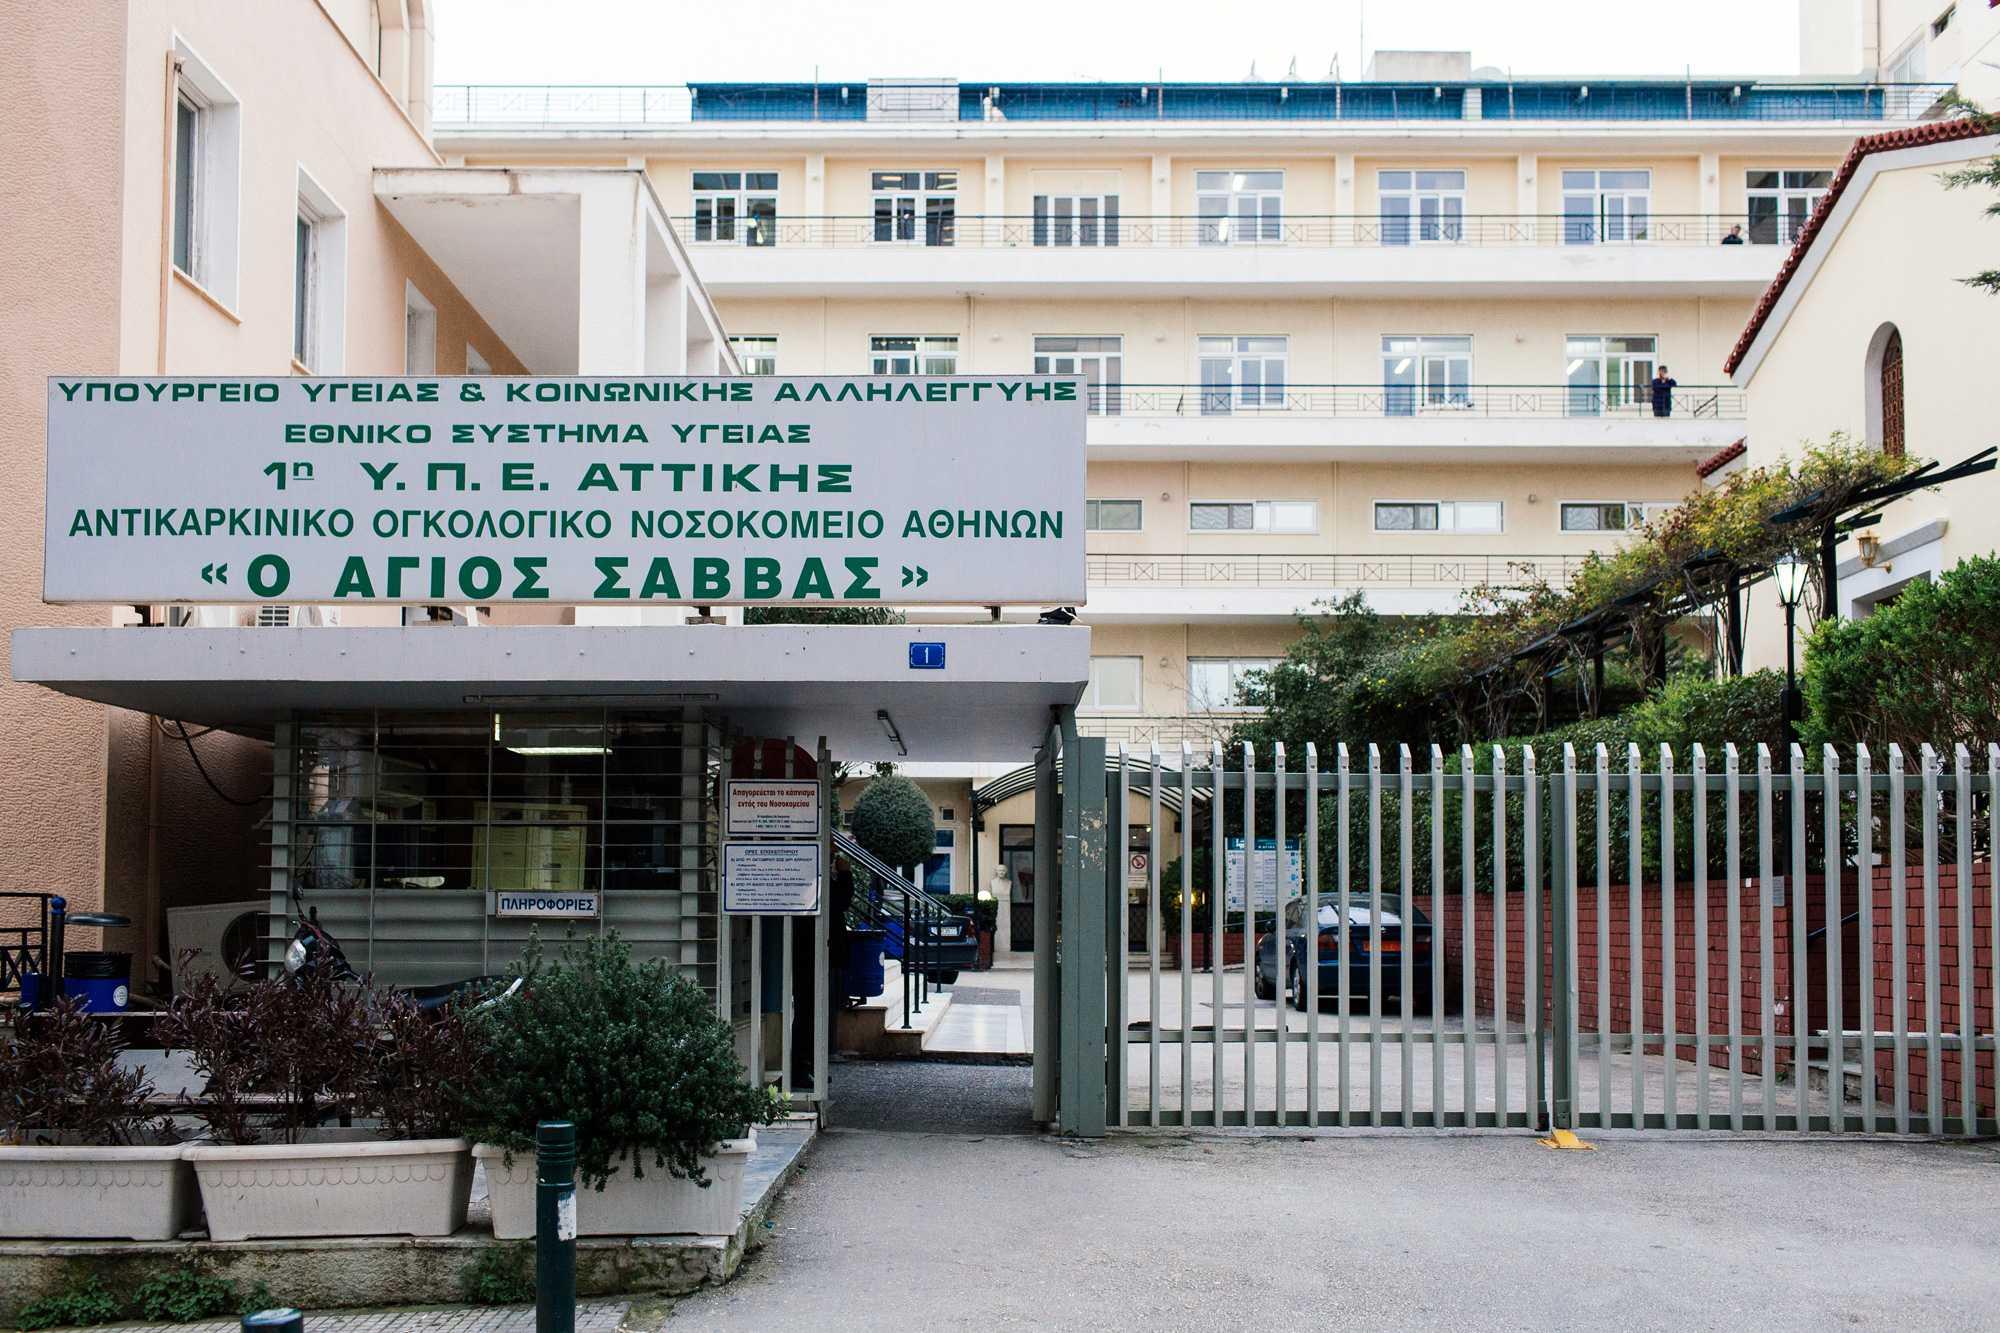 Έκλεψαν πανακριβο εξοπλισμό από το νοσοκομείο Αγιος Σάββας